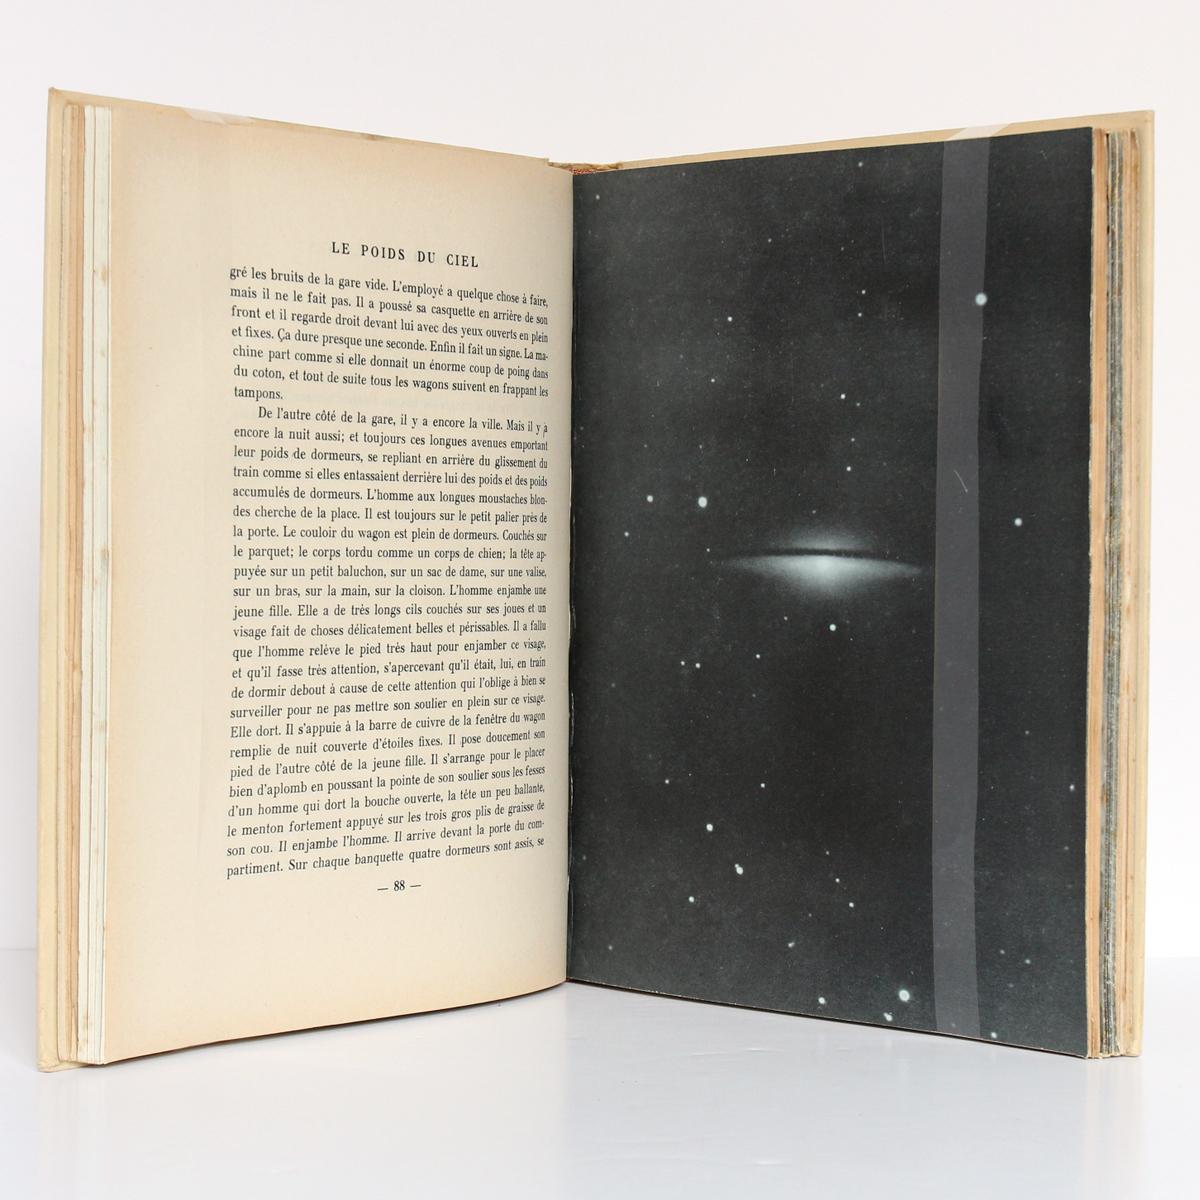 Le Poids du ciel, Jean GIONO. nrf-Gallimard, 1938. Pages intérieures.